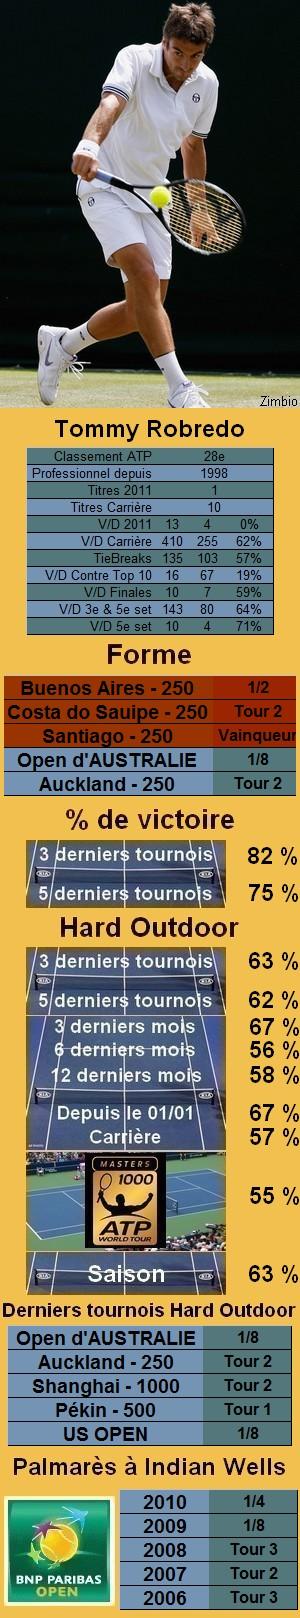 Les statistiques tennis de Tommy Robredo pour le tournoi de Indian Wells